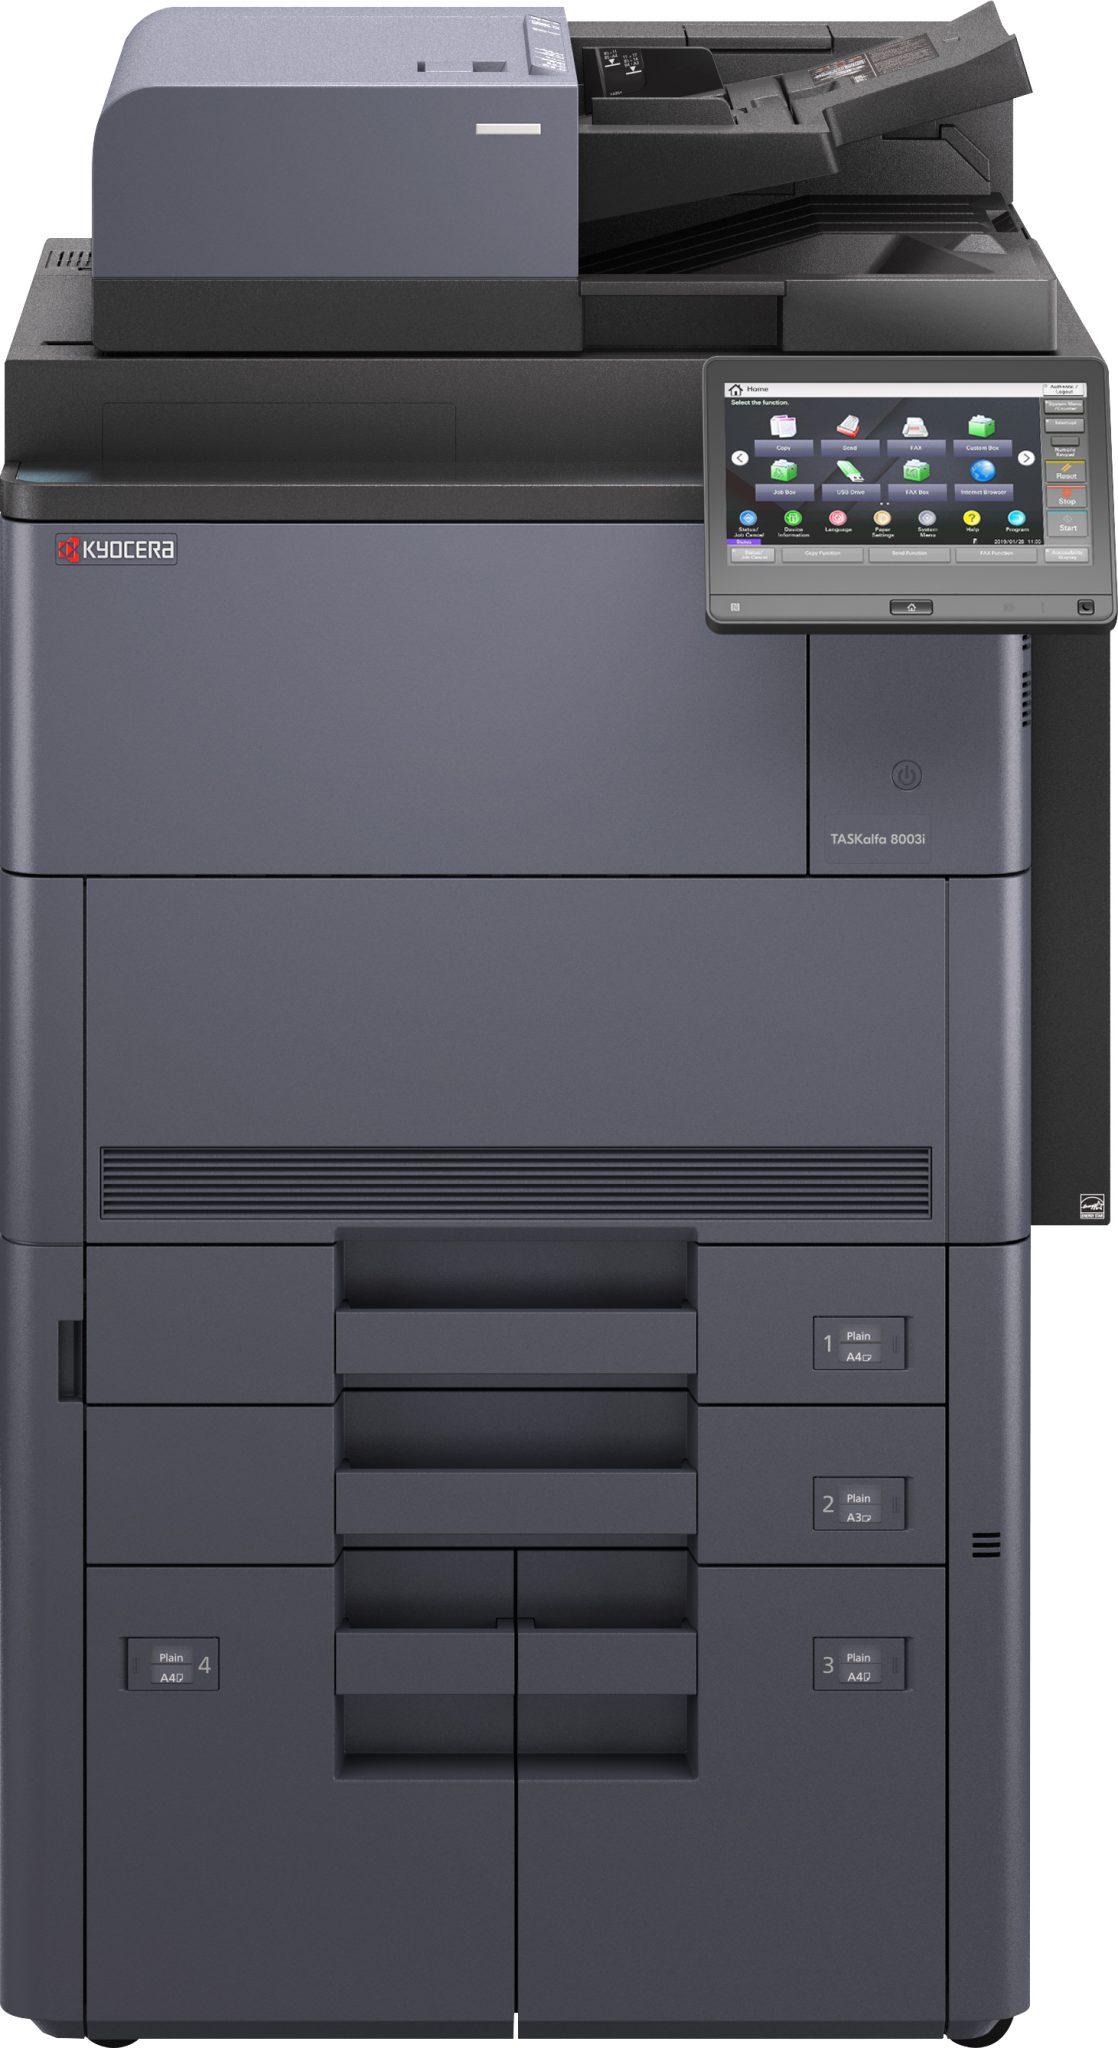 TASKalfa 8003i